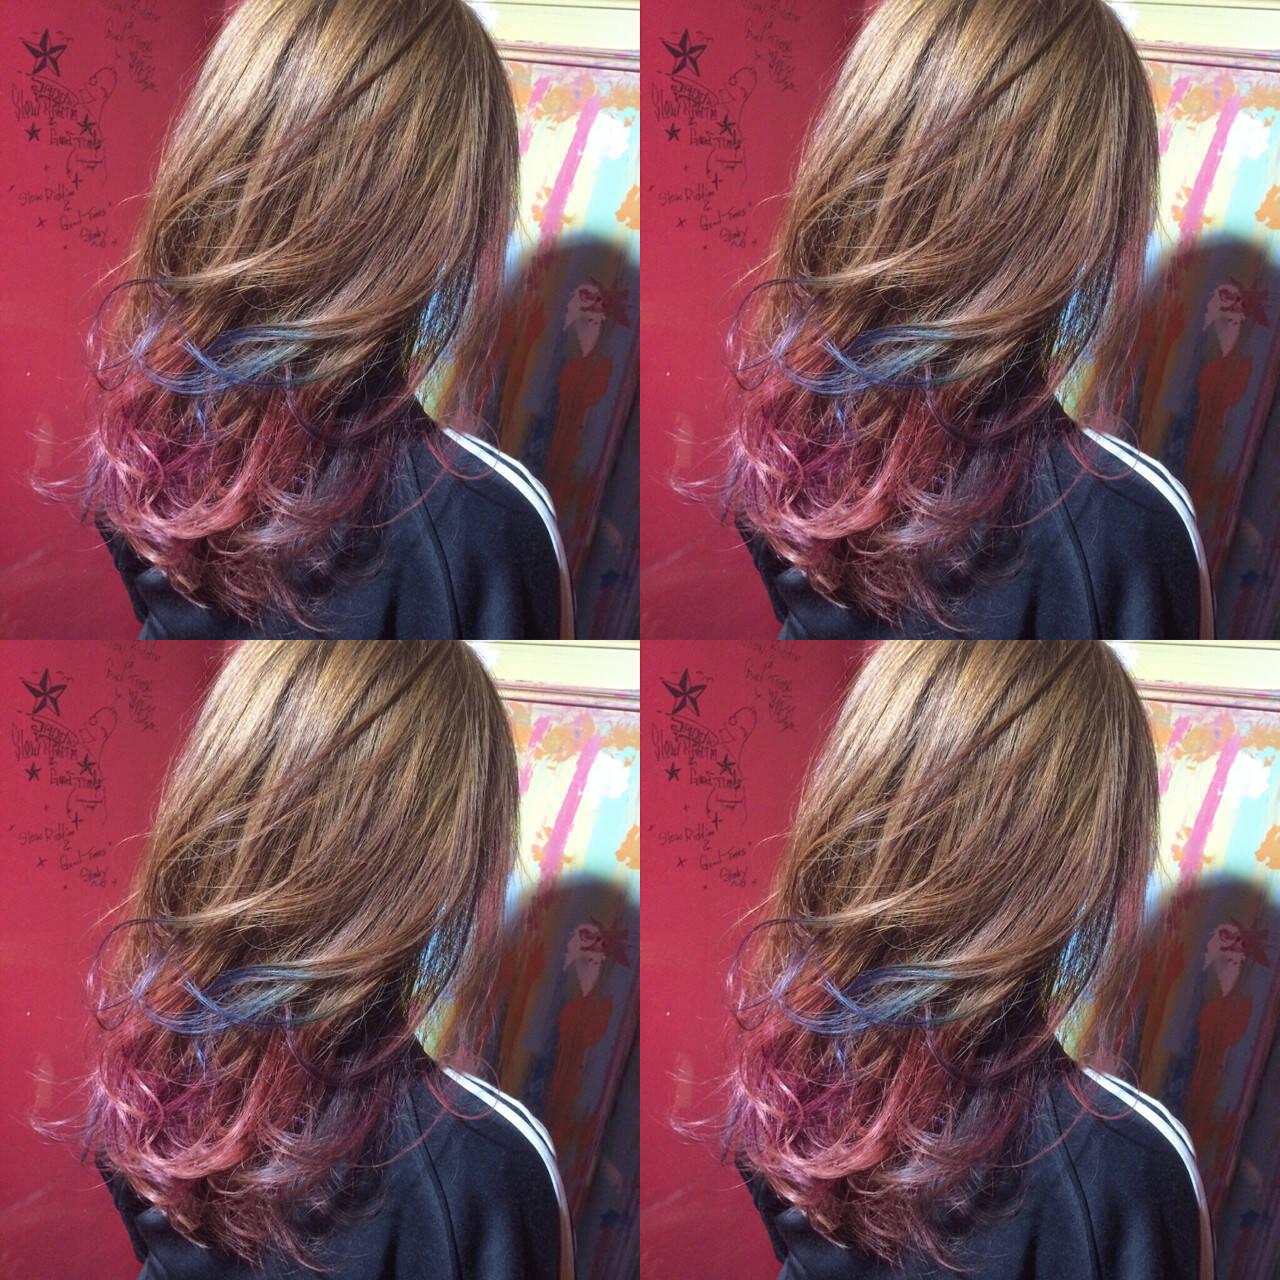 ハイトーン セミロング グラデーションカラー アッシュヘアスタイルや髪型の写真・画像